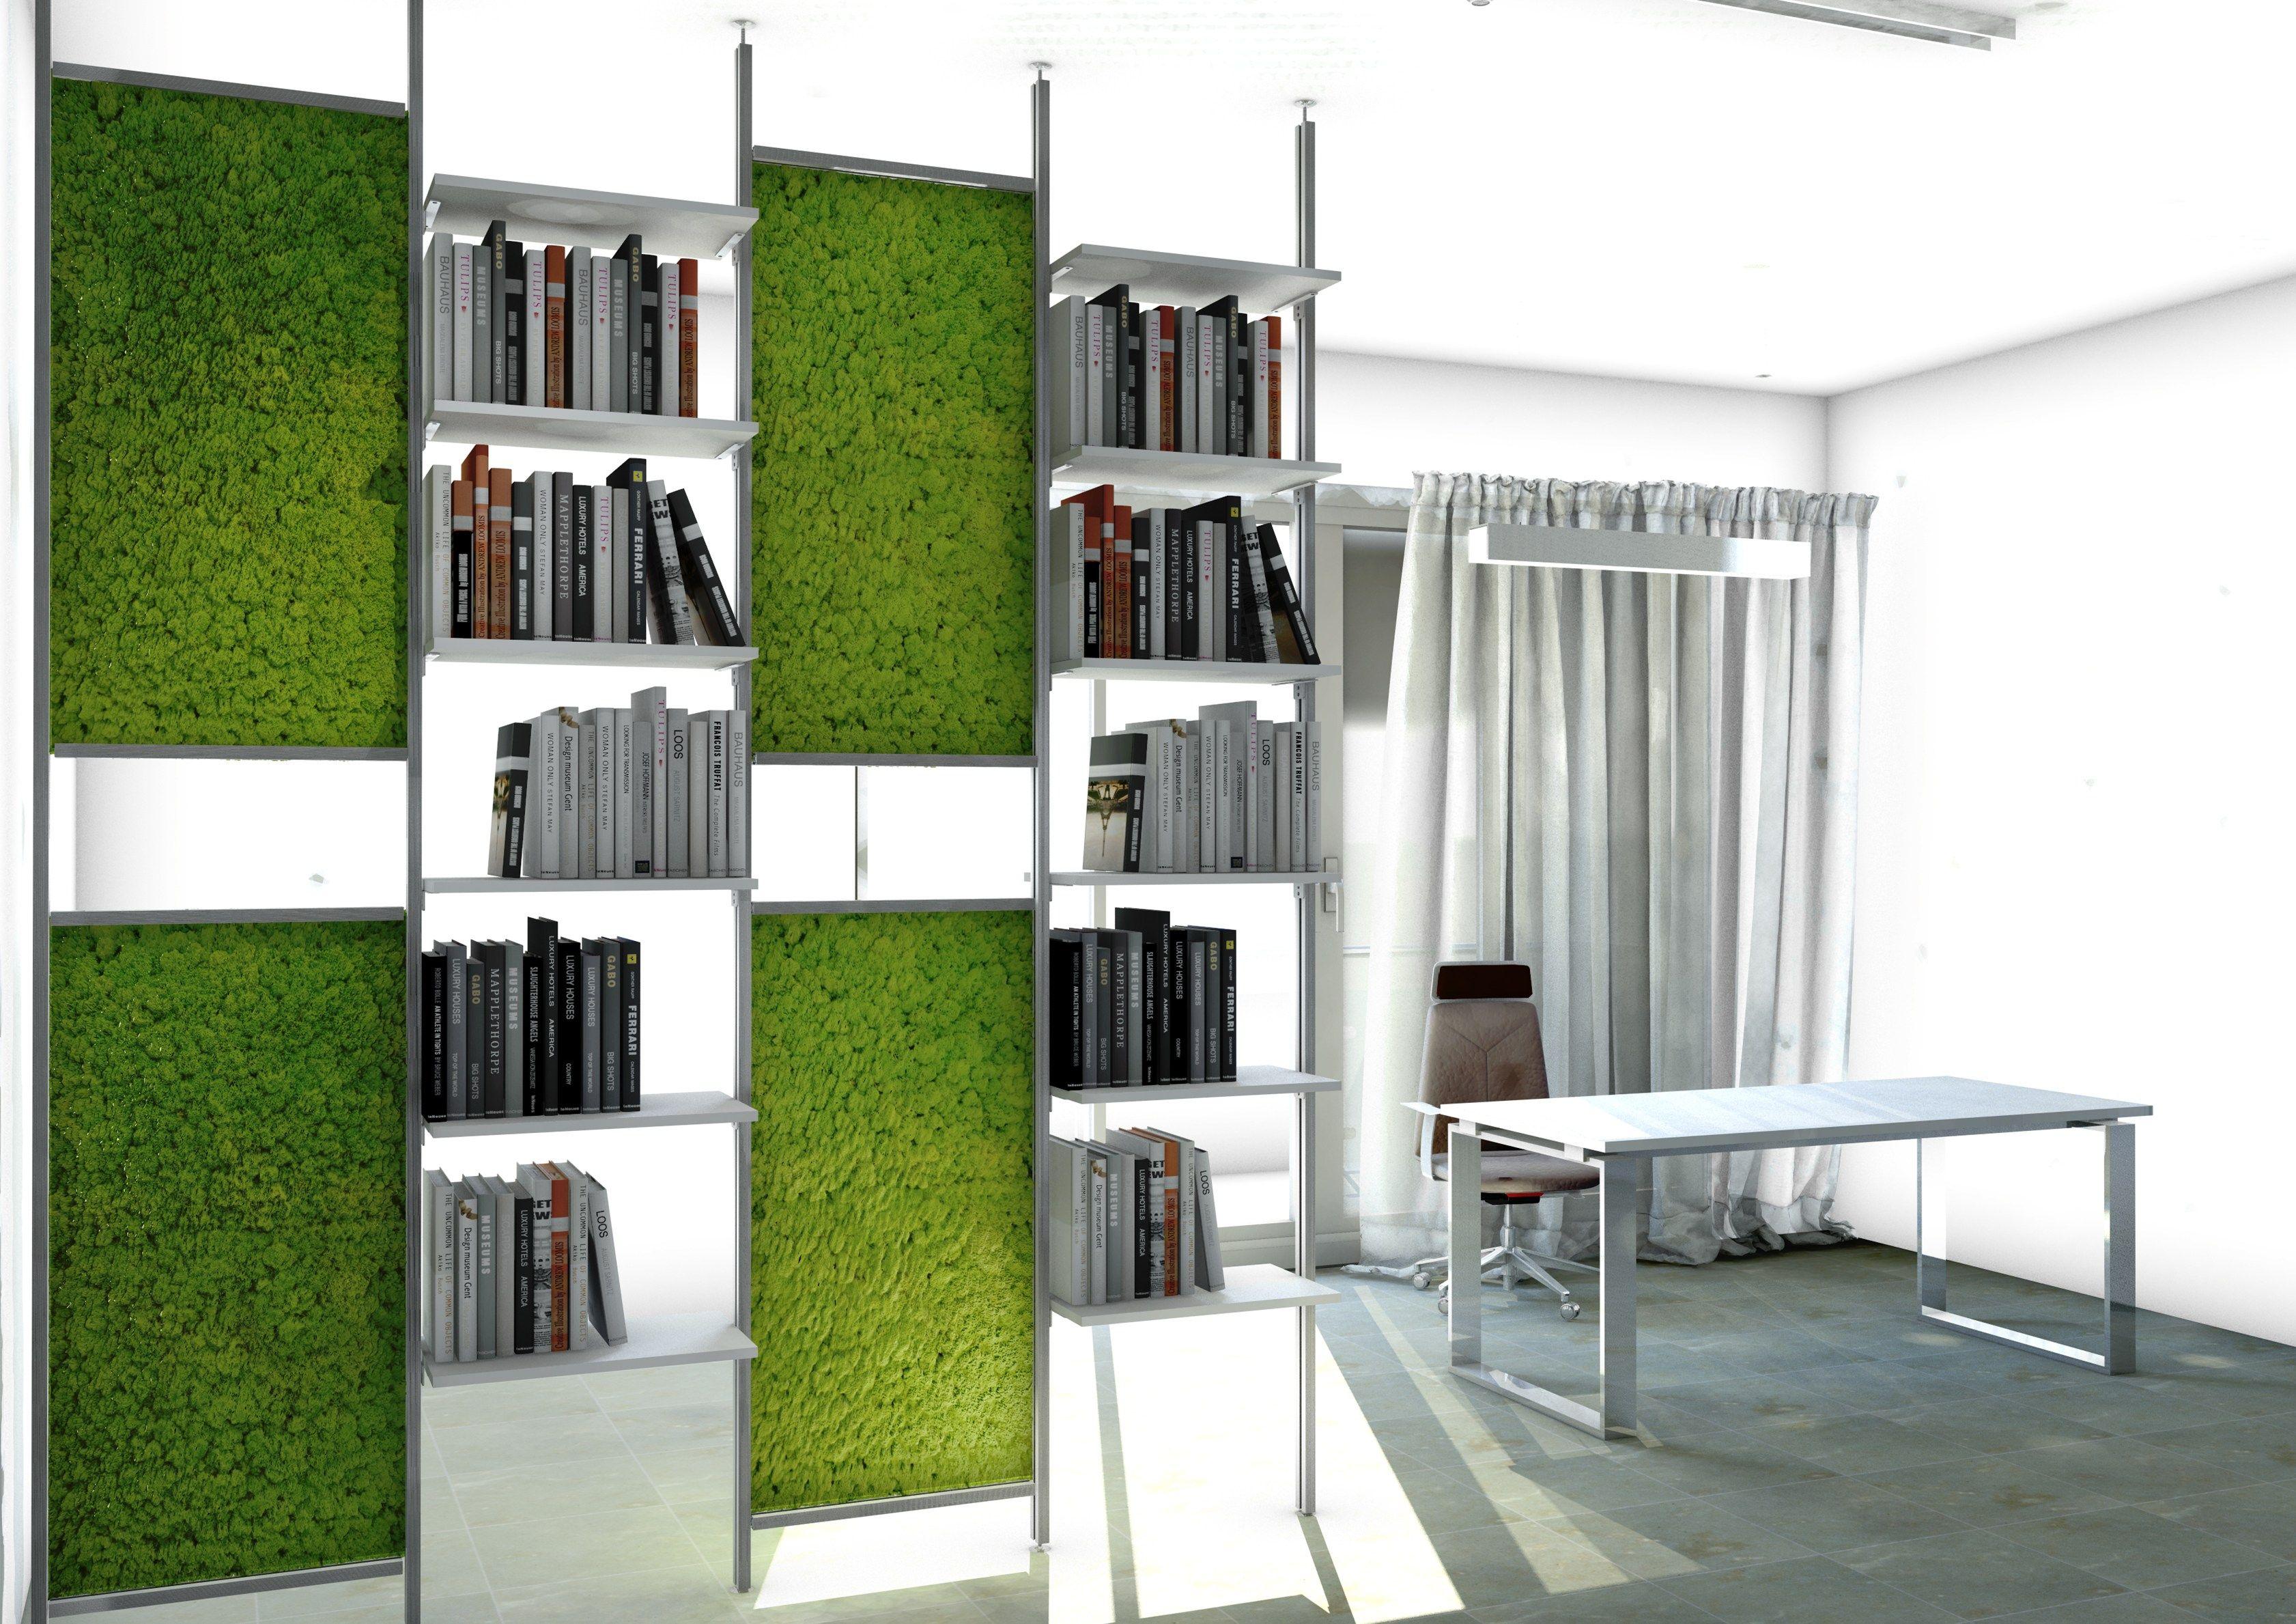 Pannelli decorativi in lichene by studio t for Pannelli decorativi parete